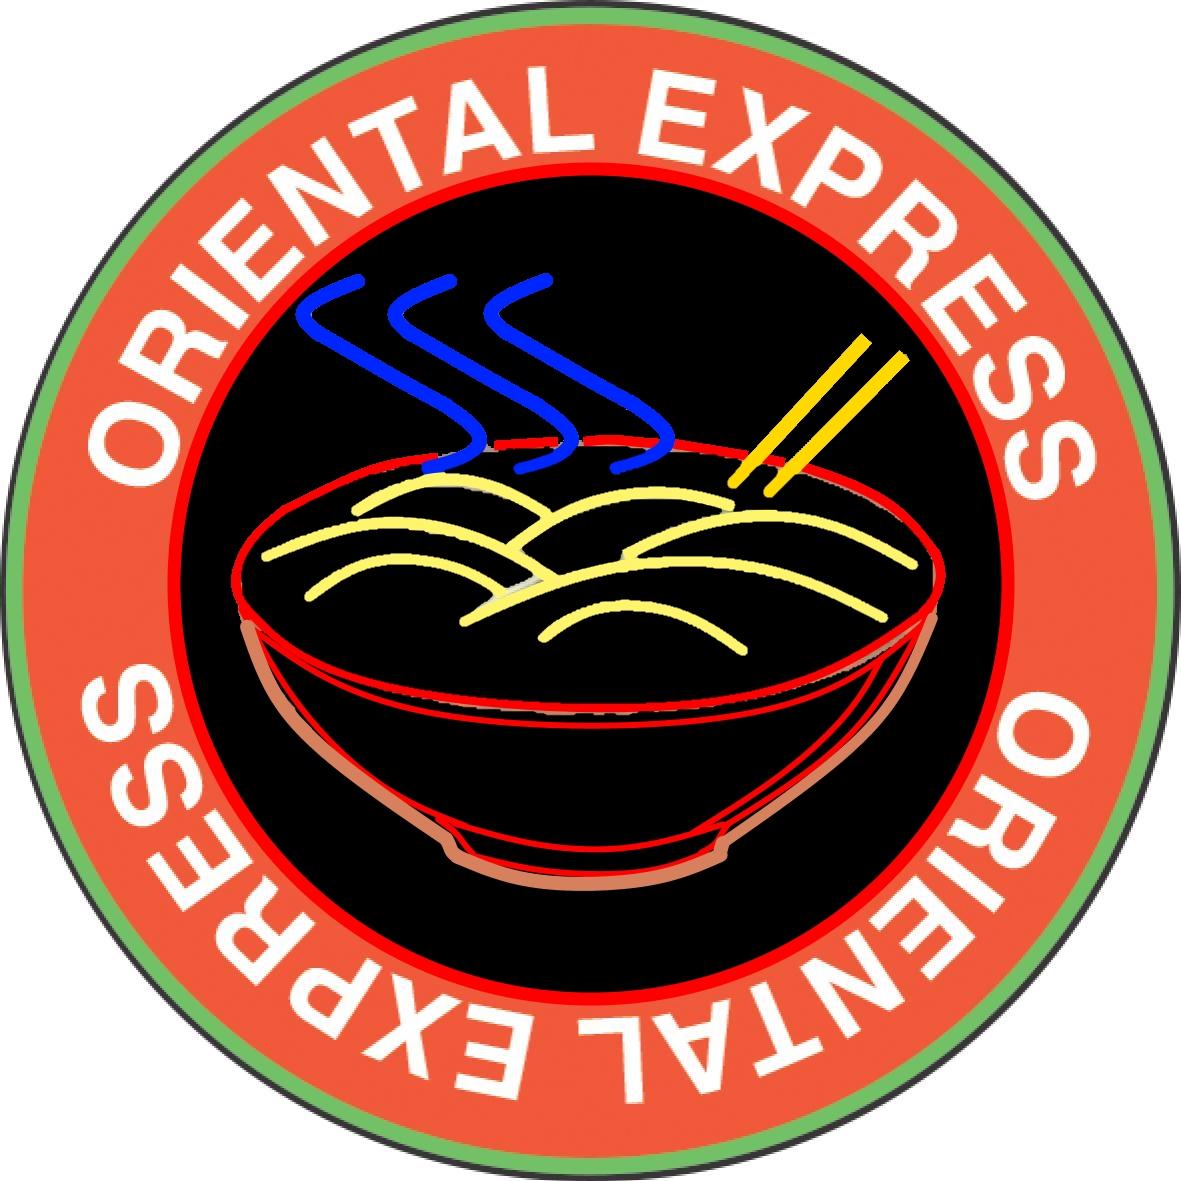 Работа в компании «ORIENTAL EXPRESS КАФЕ-БАР» в Лосино-Петровского